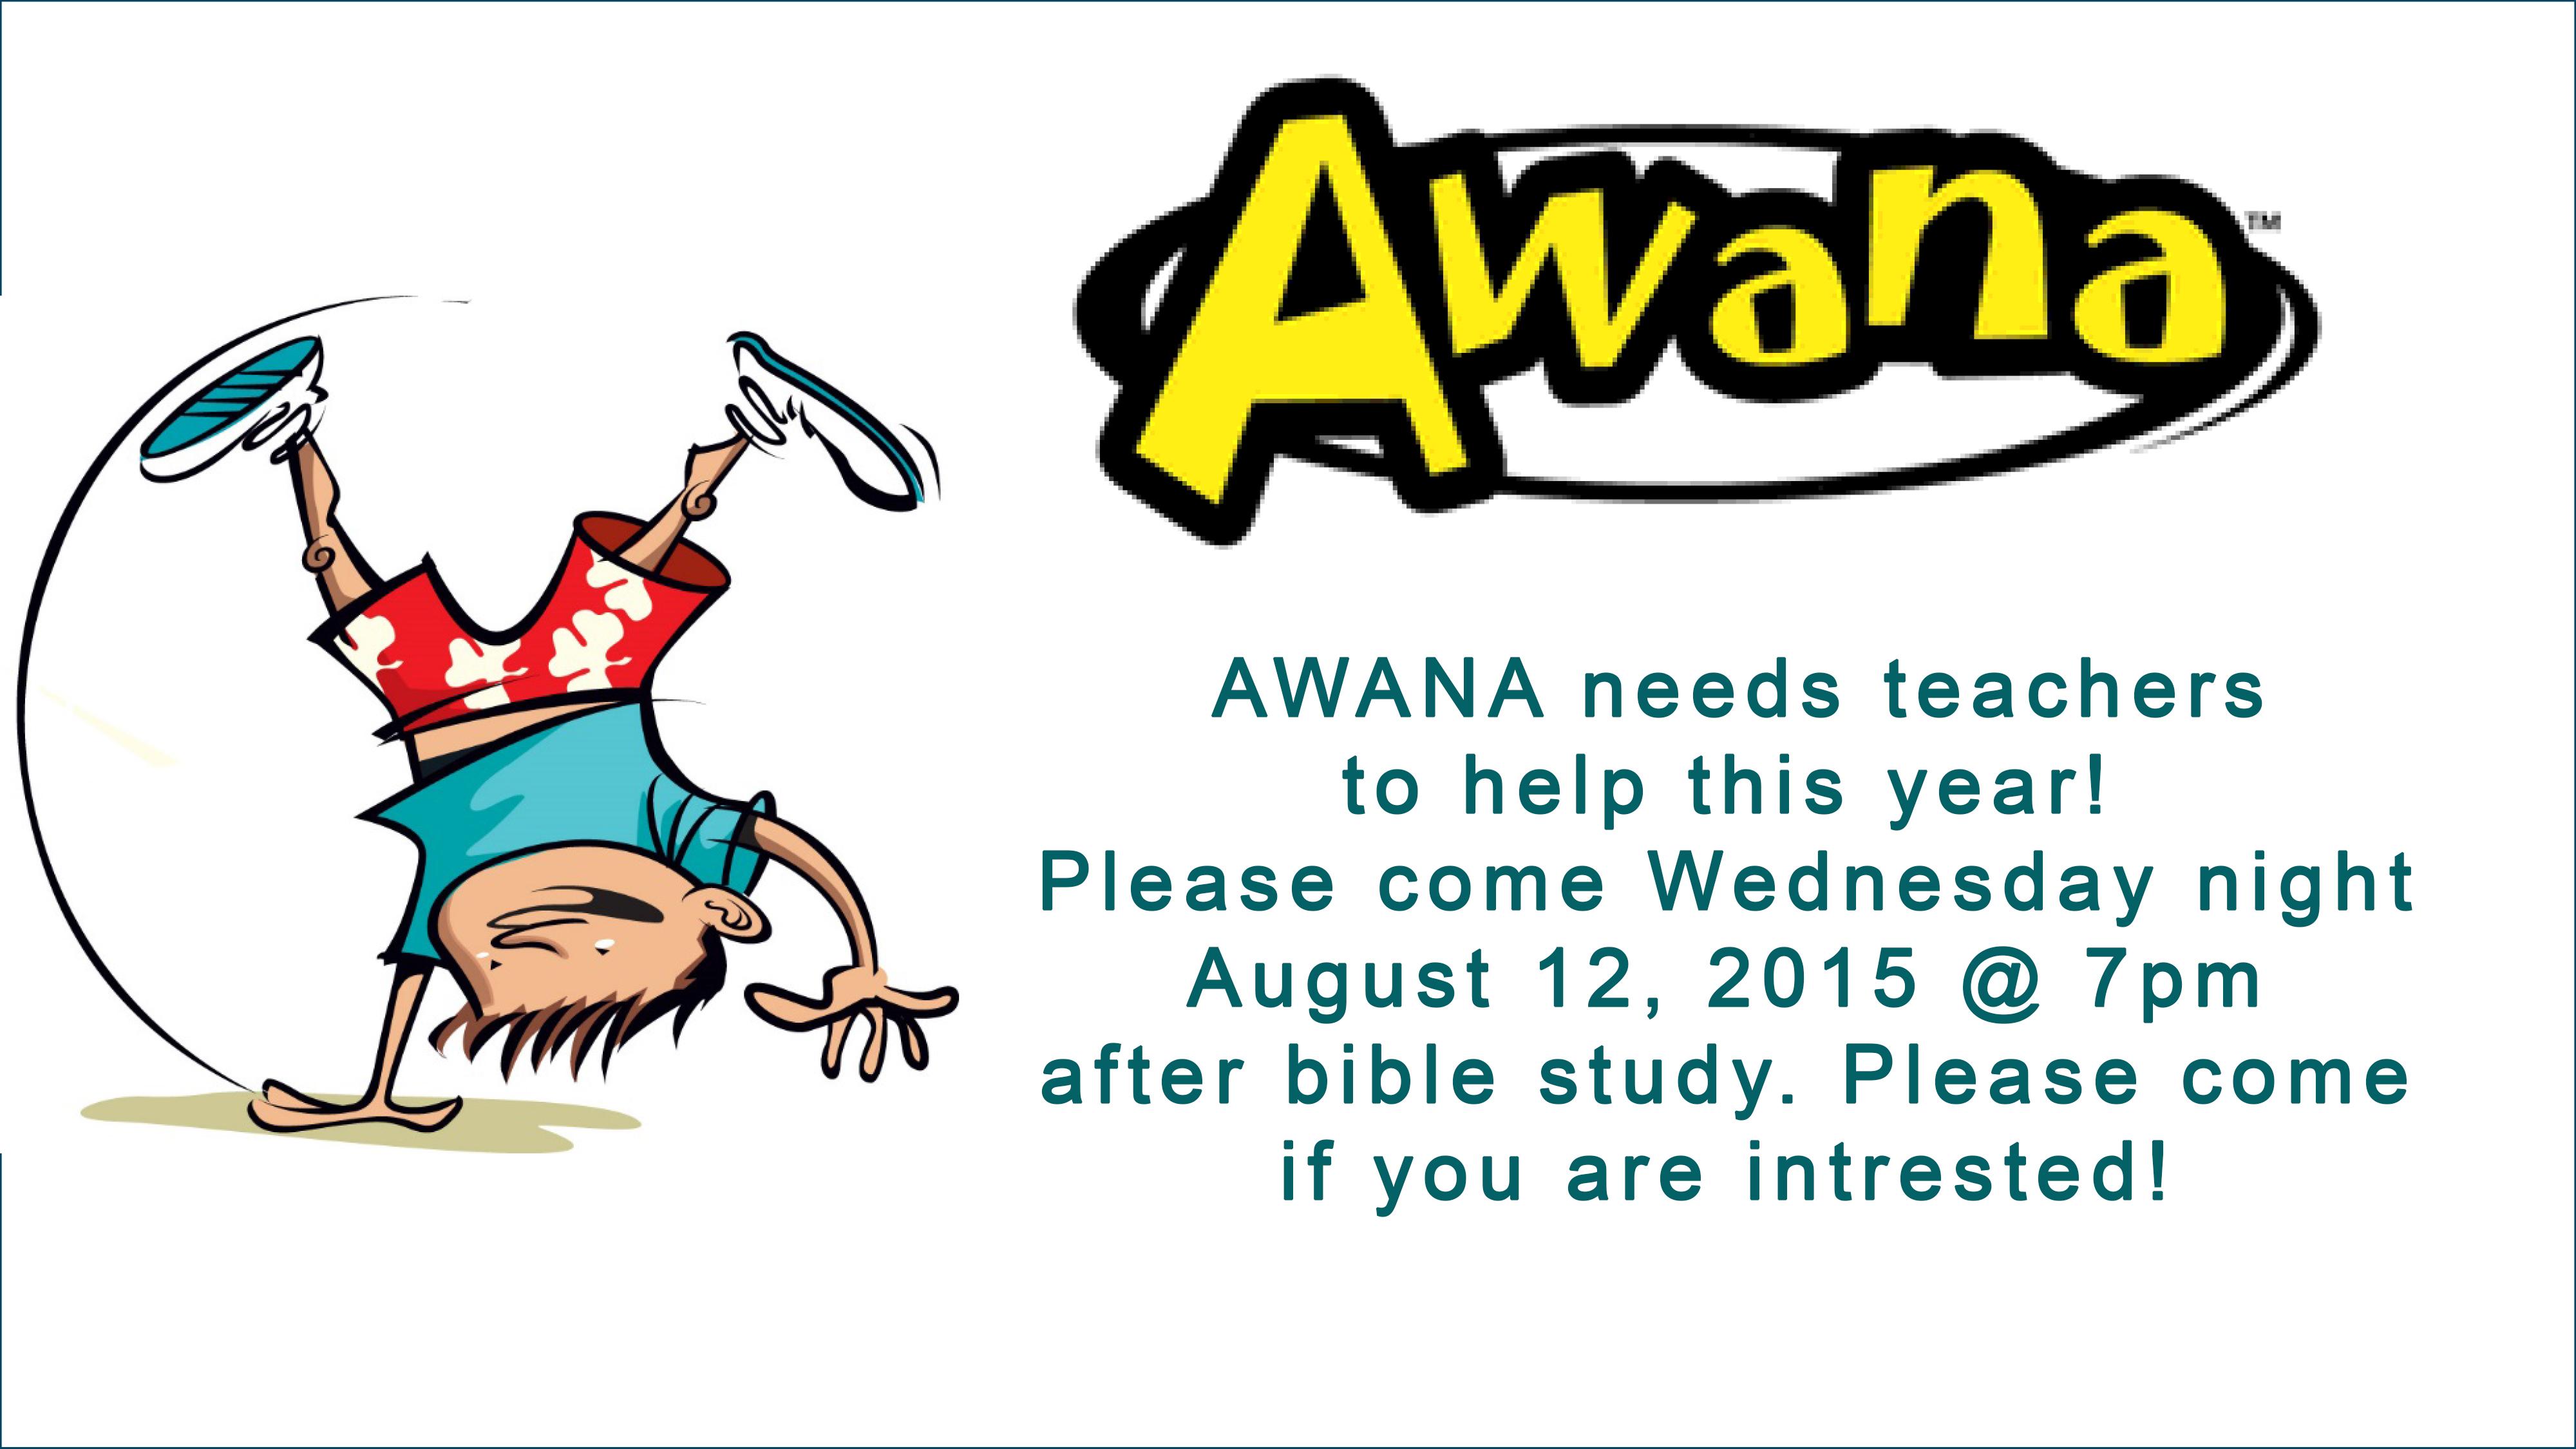 AWANA needs teachers!